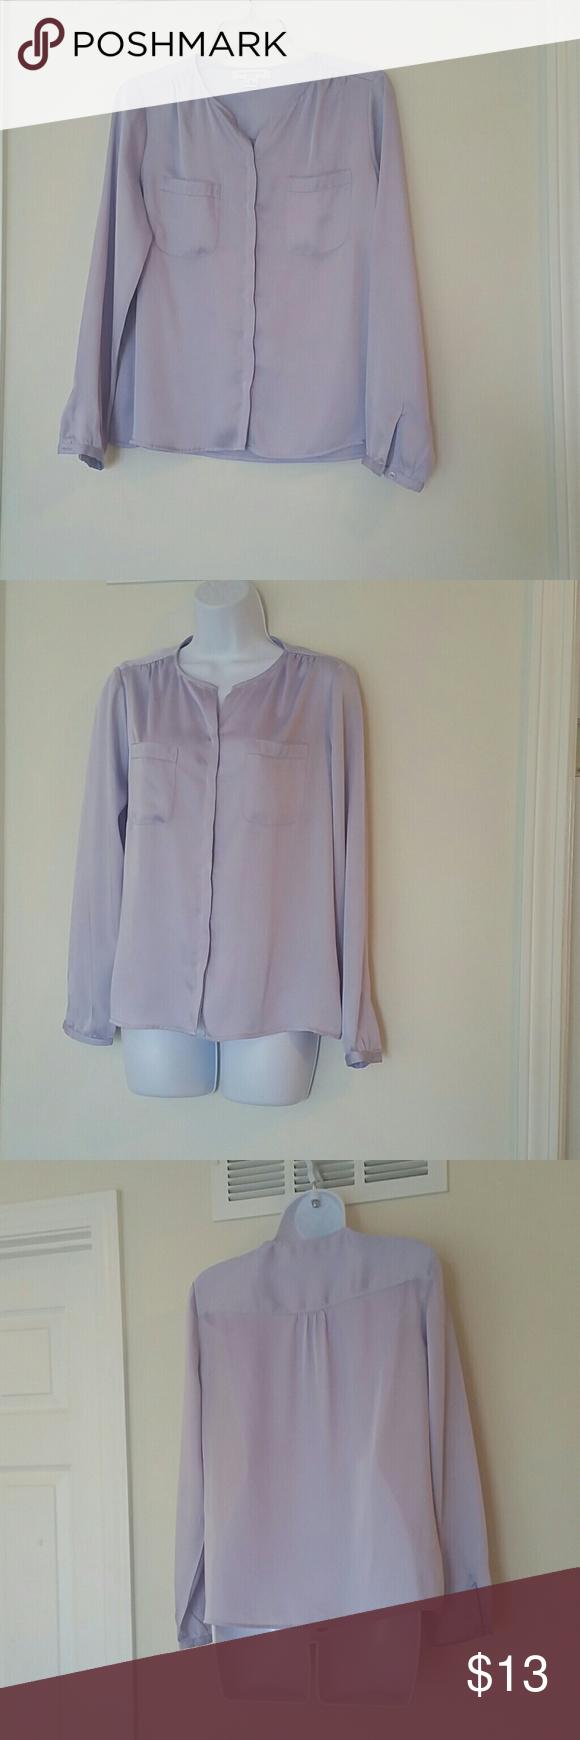 Liz Claiborne petite lavender blouse Liz Claiborne petite lavender blouse.  100% Polyester Liz Claiborne Tops Blouses